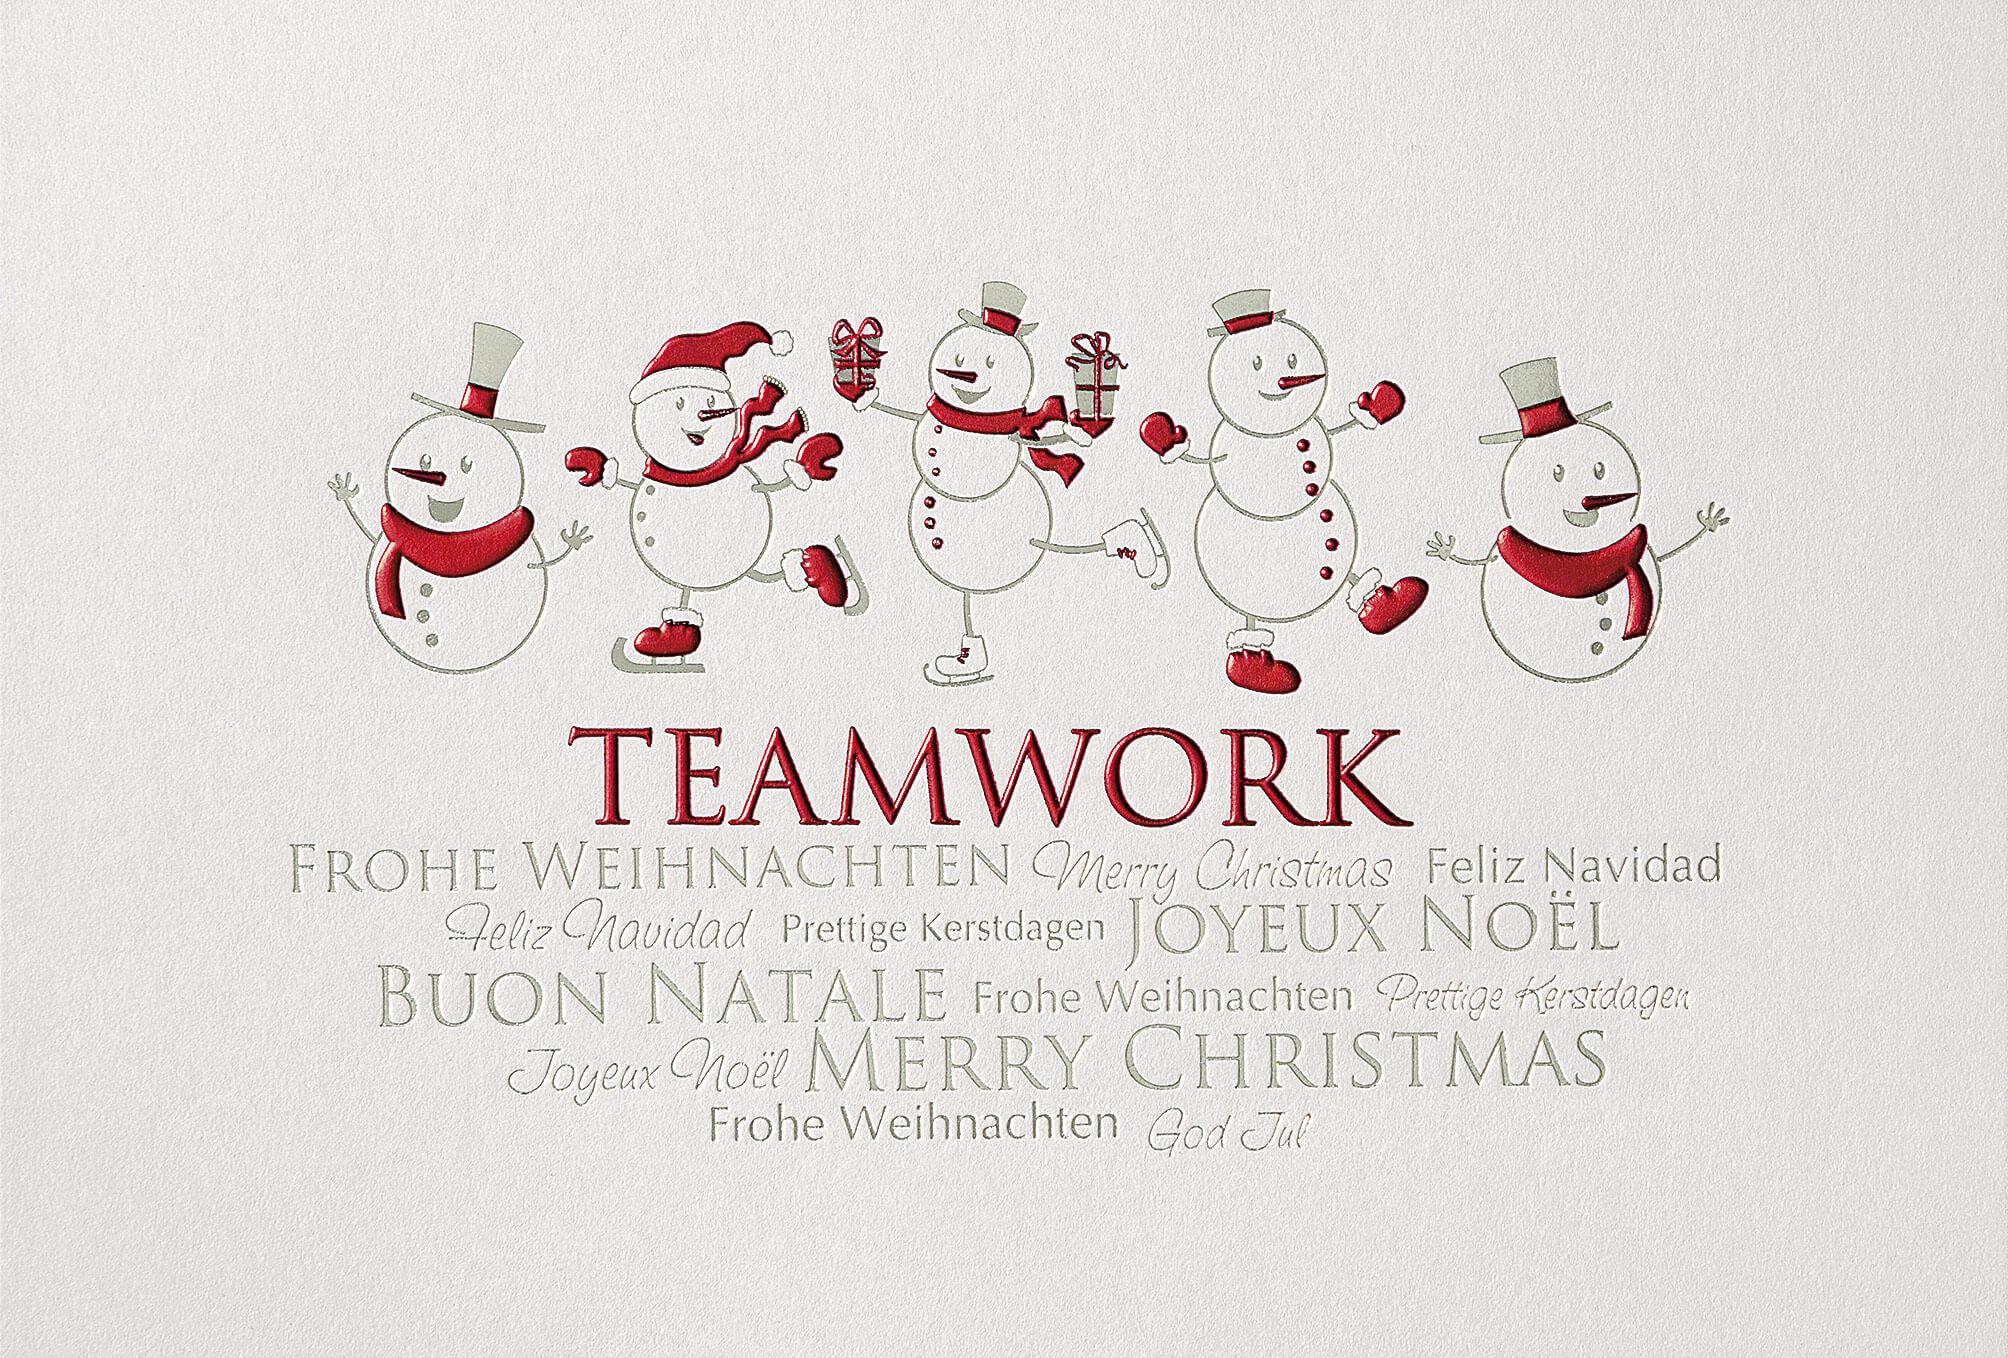 lustige team weihnachtskarte mit schneem nner in wei. Black Bedroom Furniture Sets. Home Design Ideas